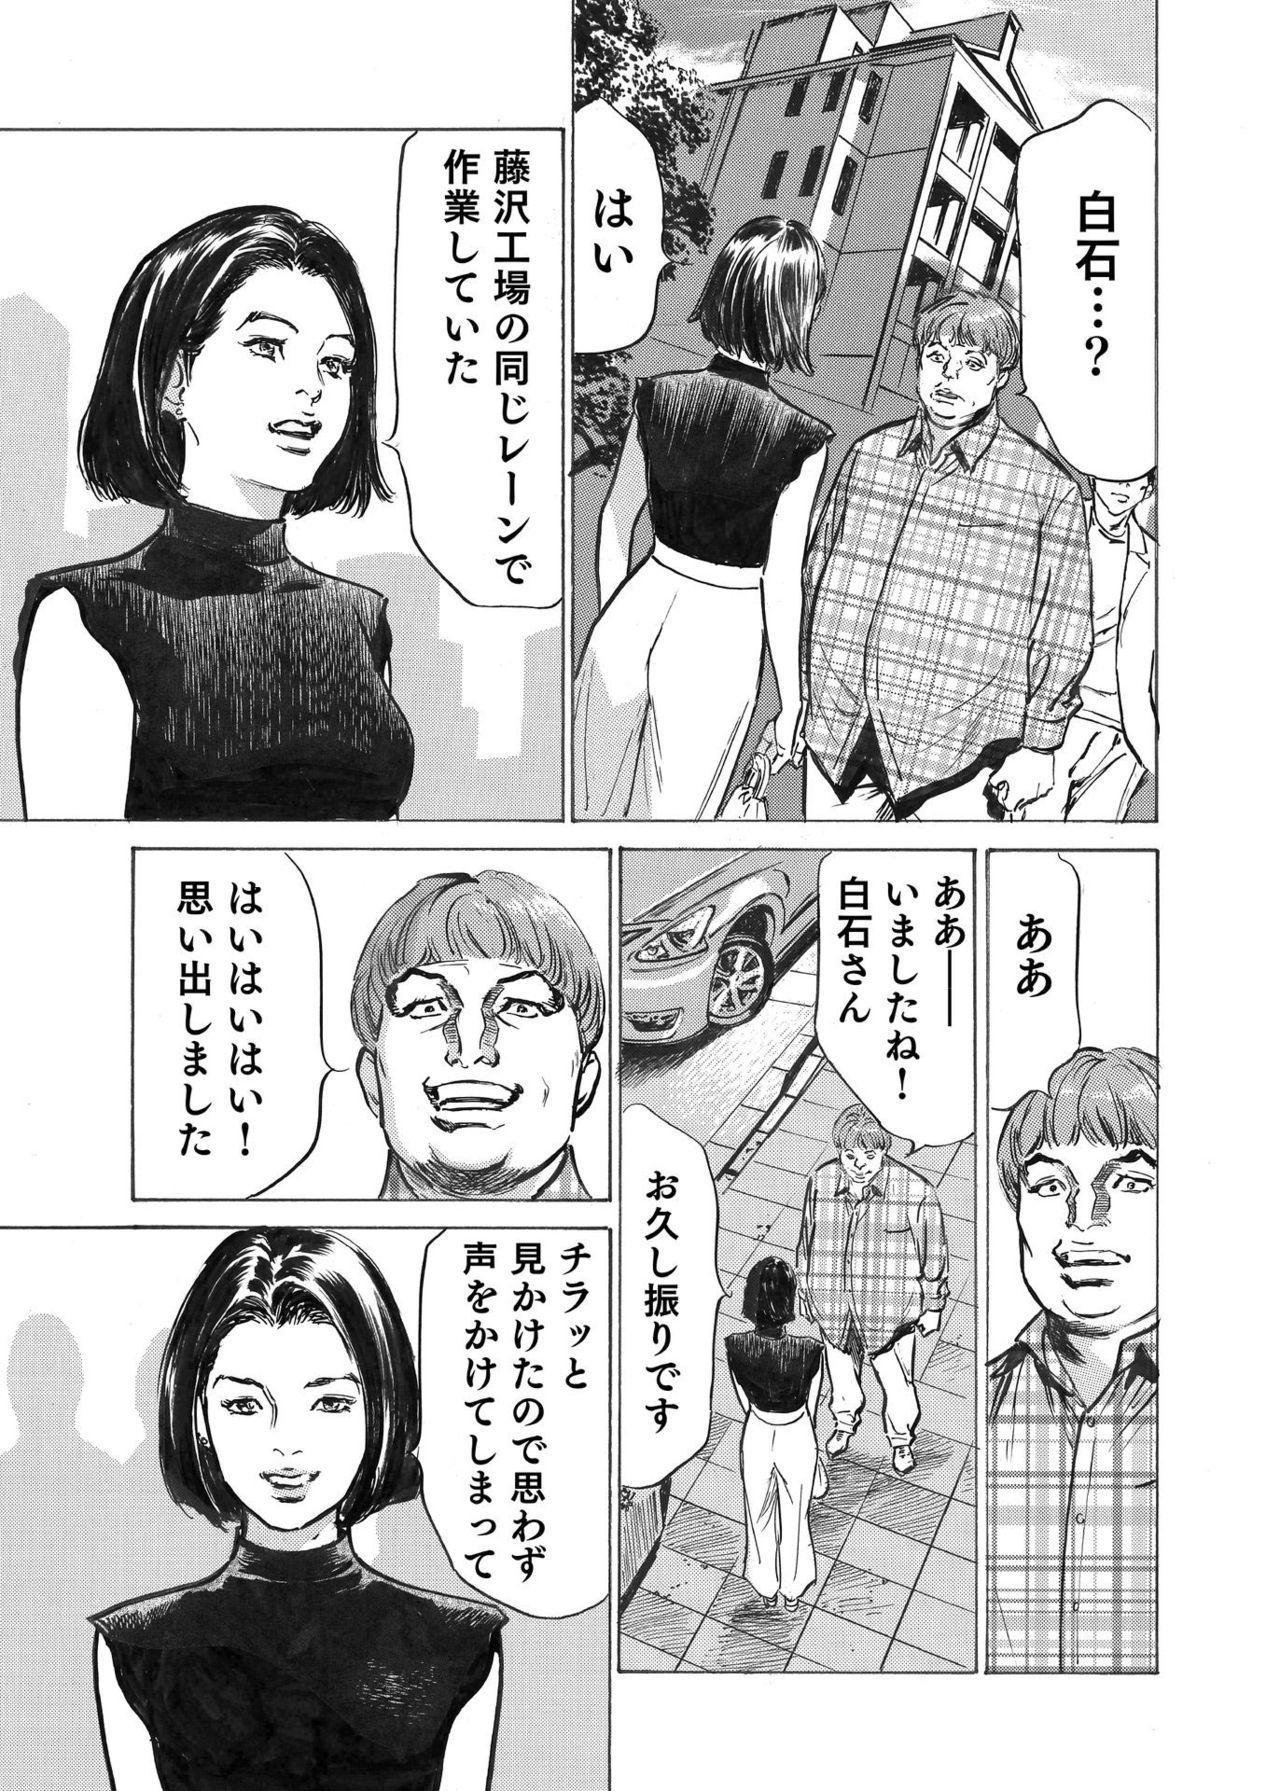 Ore wa Tsuma no Koto o Yoku Shiranai 1-9 164